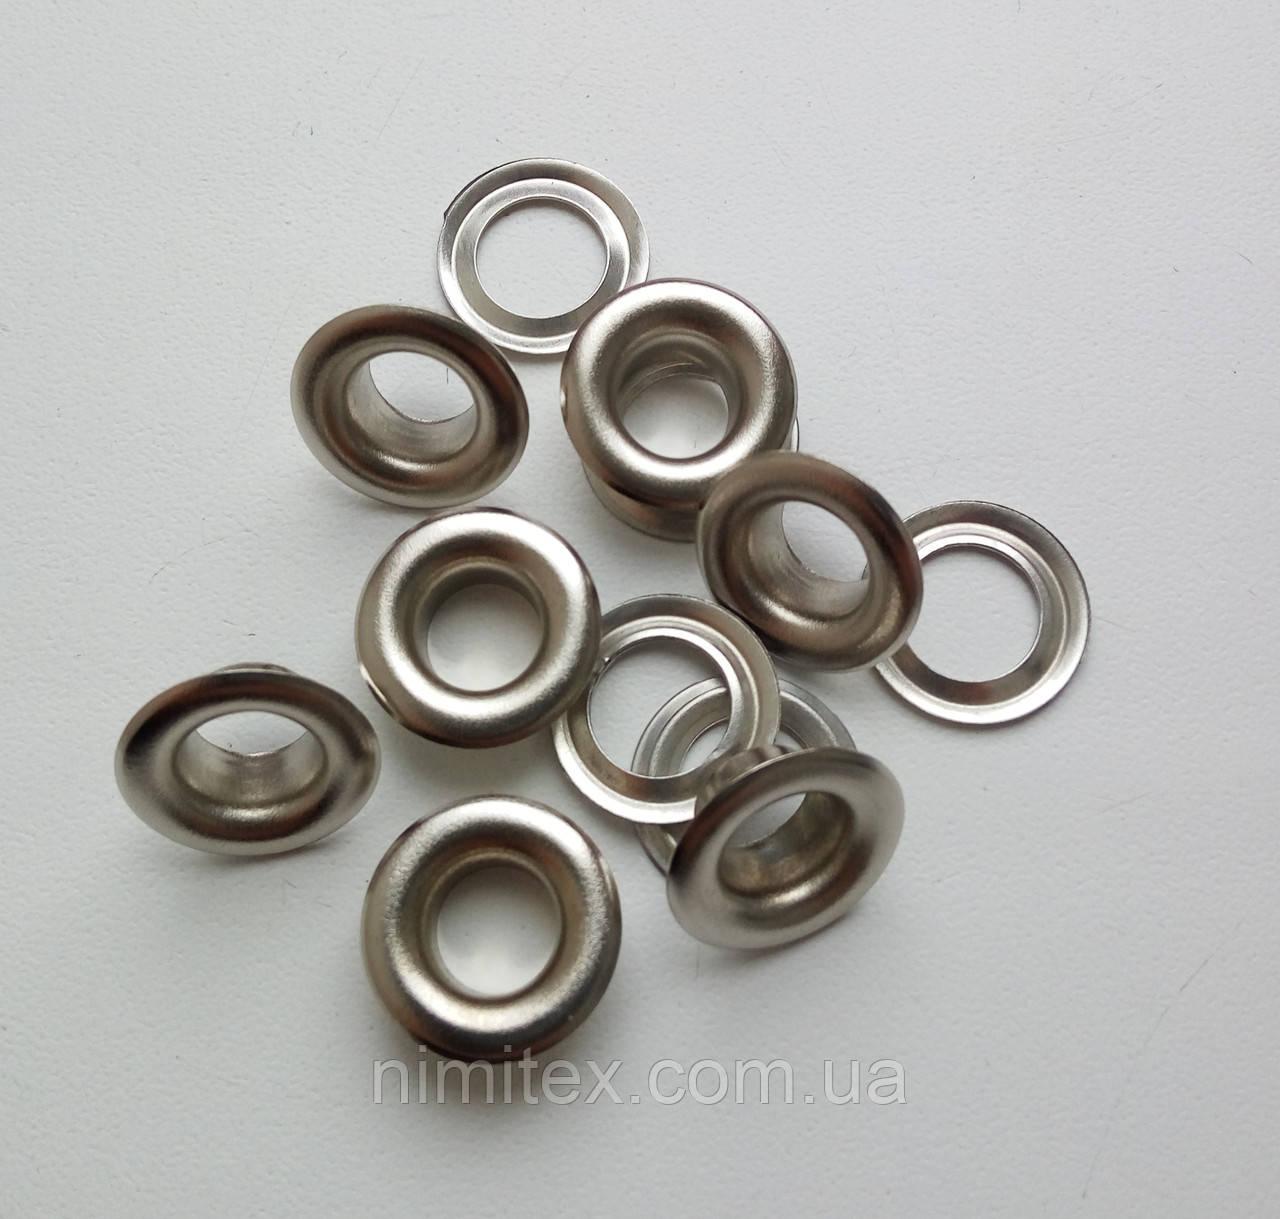 Люверс №5 - 7,5 мм (с шайбой) никель